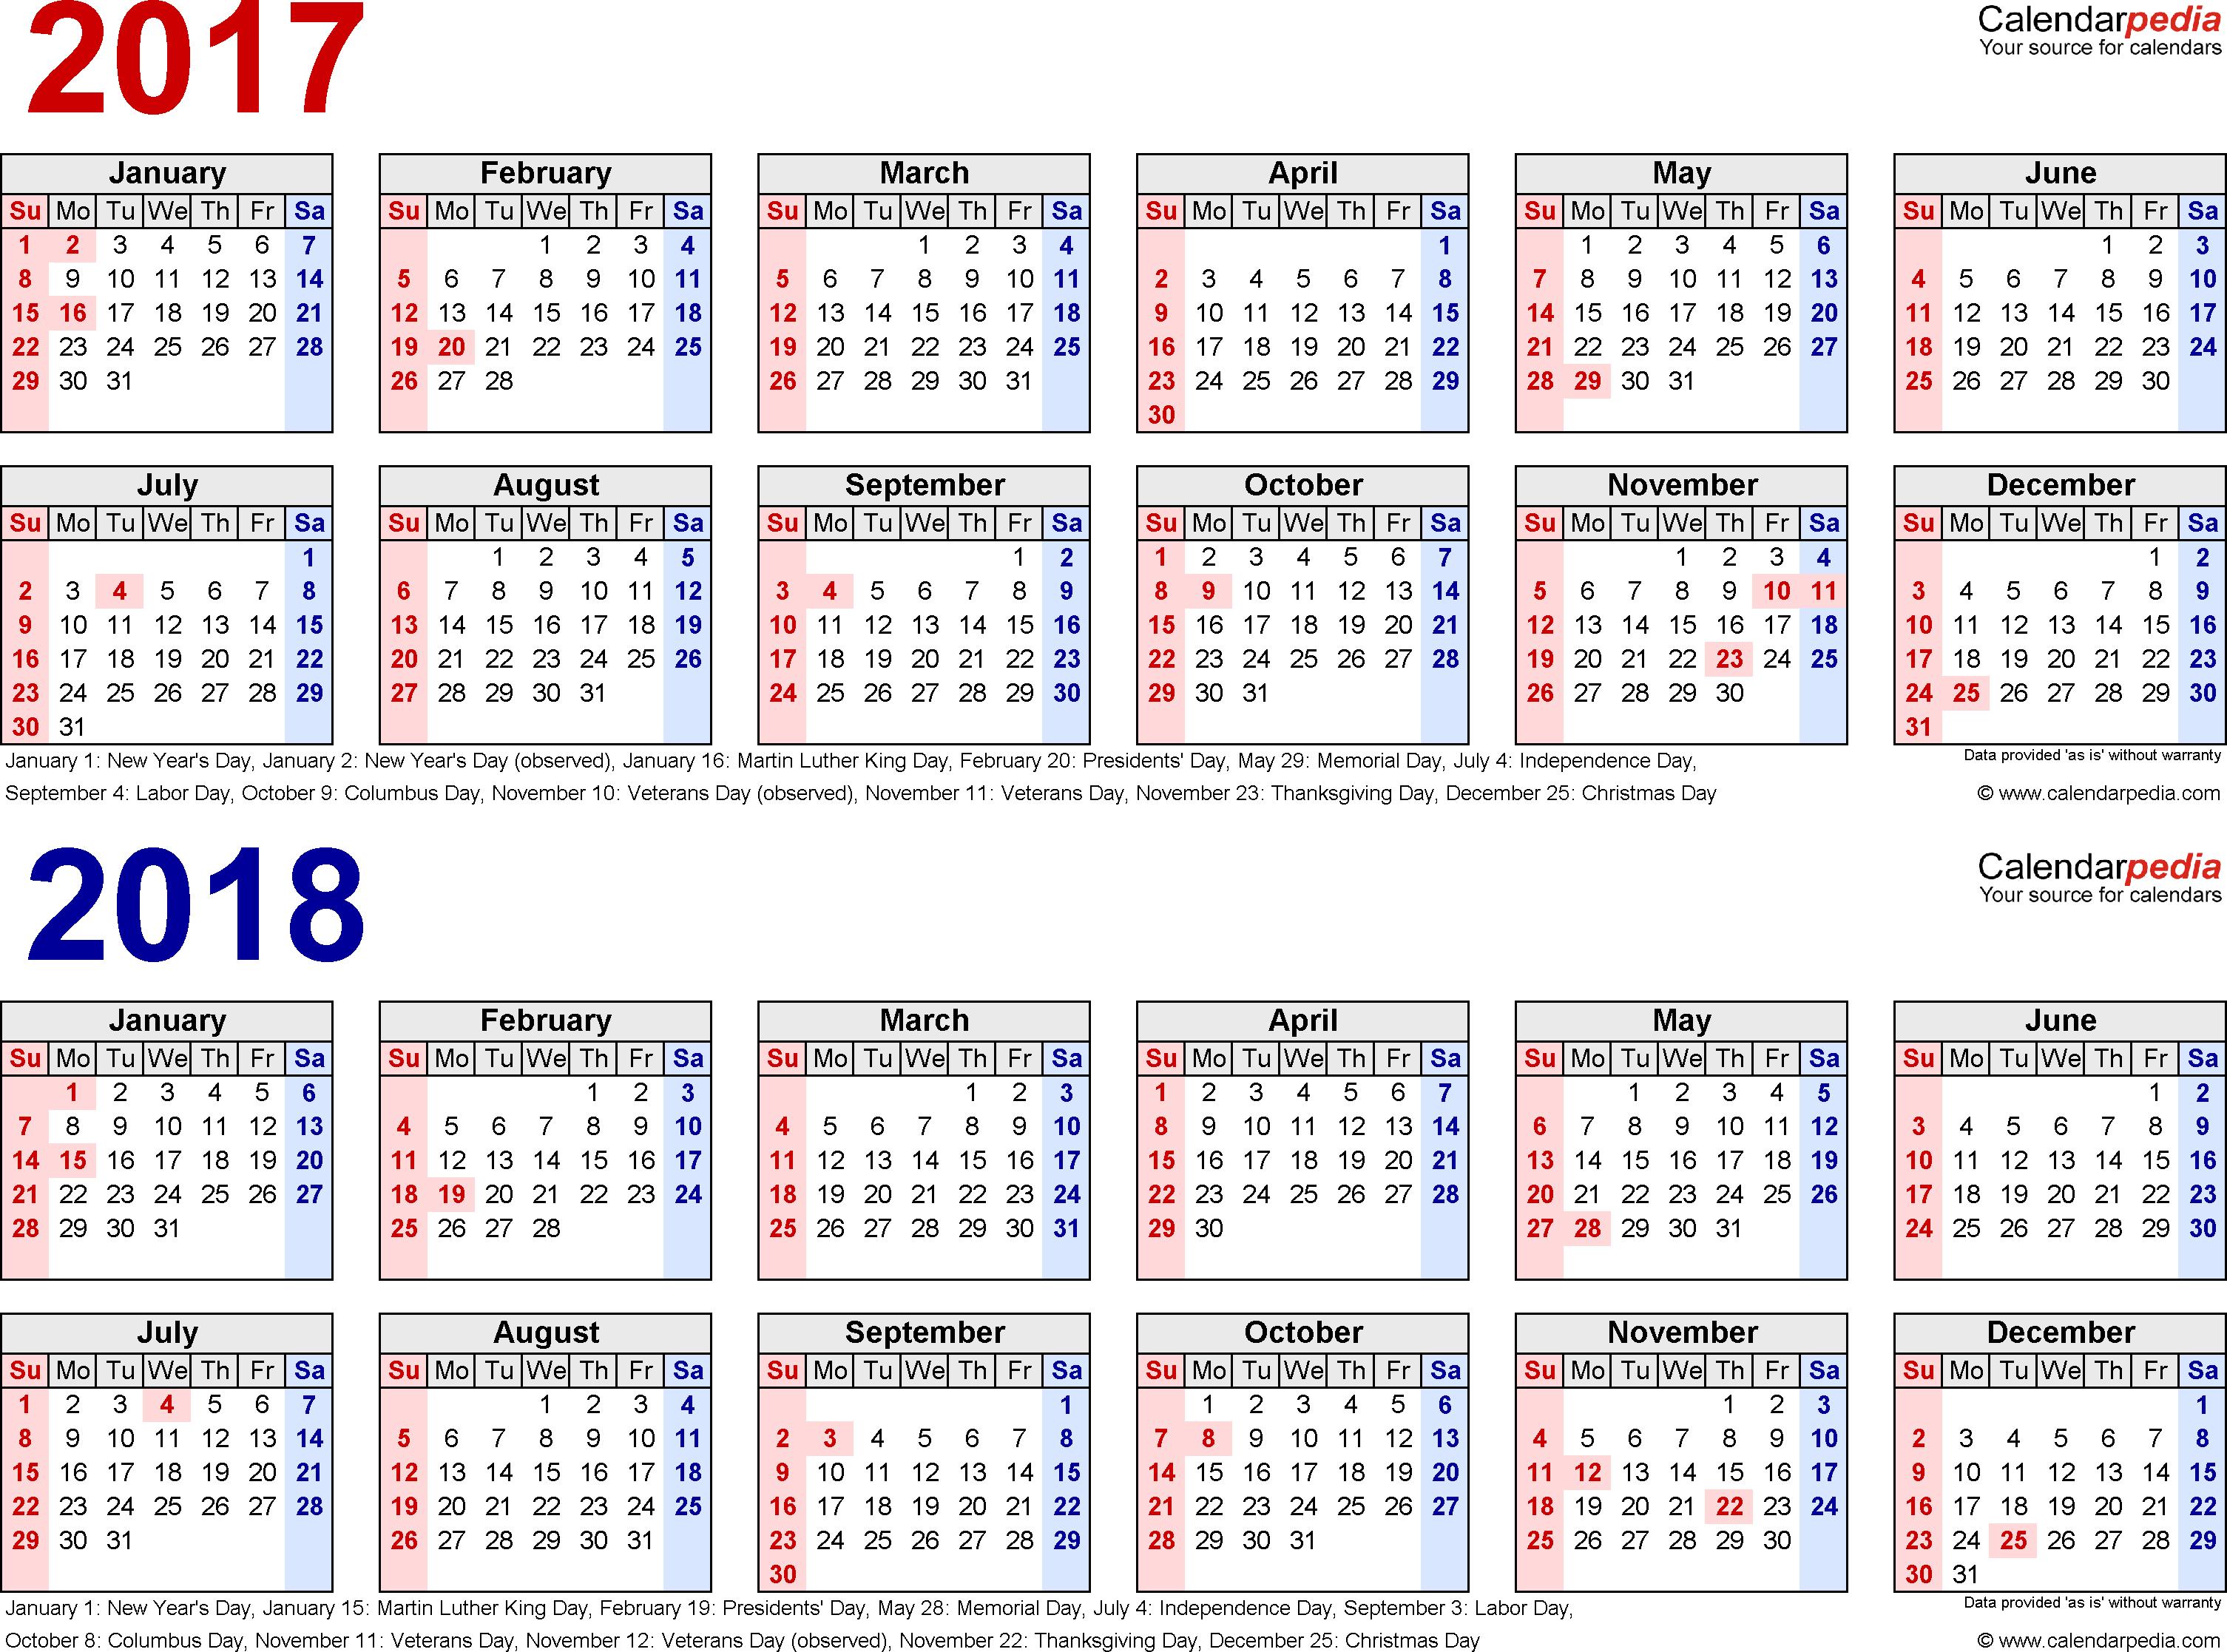 календарь на 2017 год